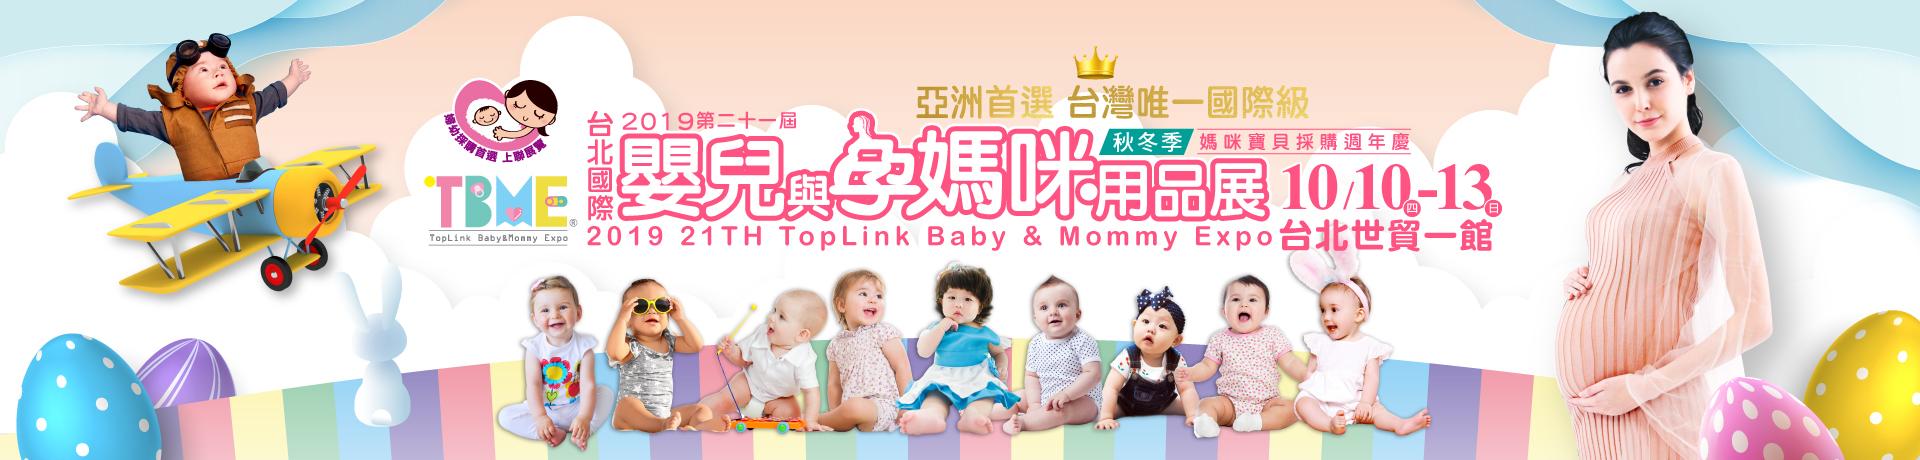 2018台北國際嬰兒與孕媽咪用品展 (秋冬季)